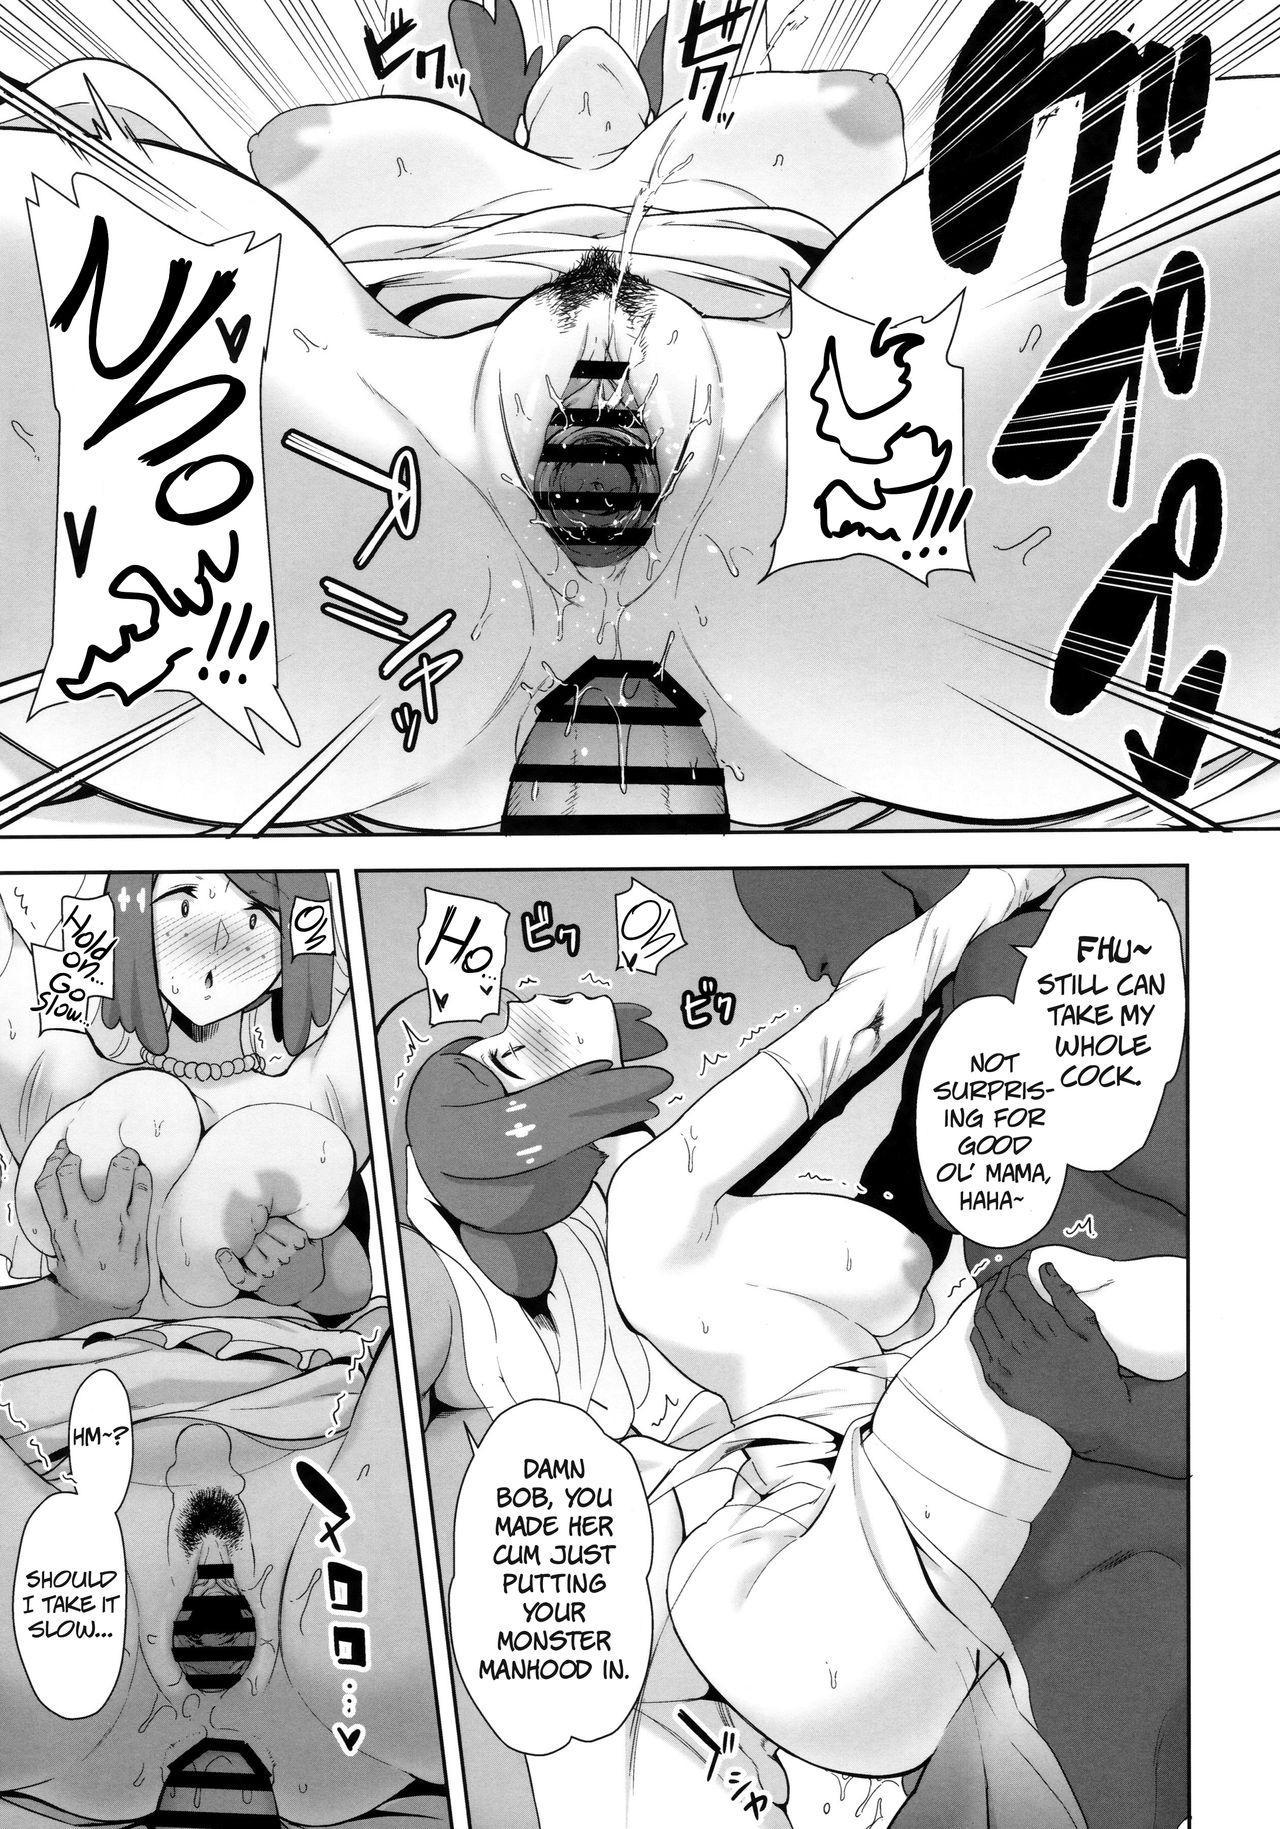 Alola no Yoru no Sugata 6 | Alolan Form: After Dark 6 17